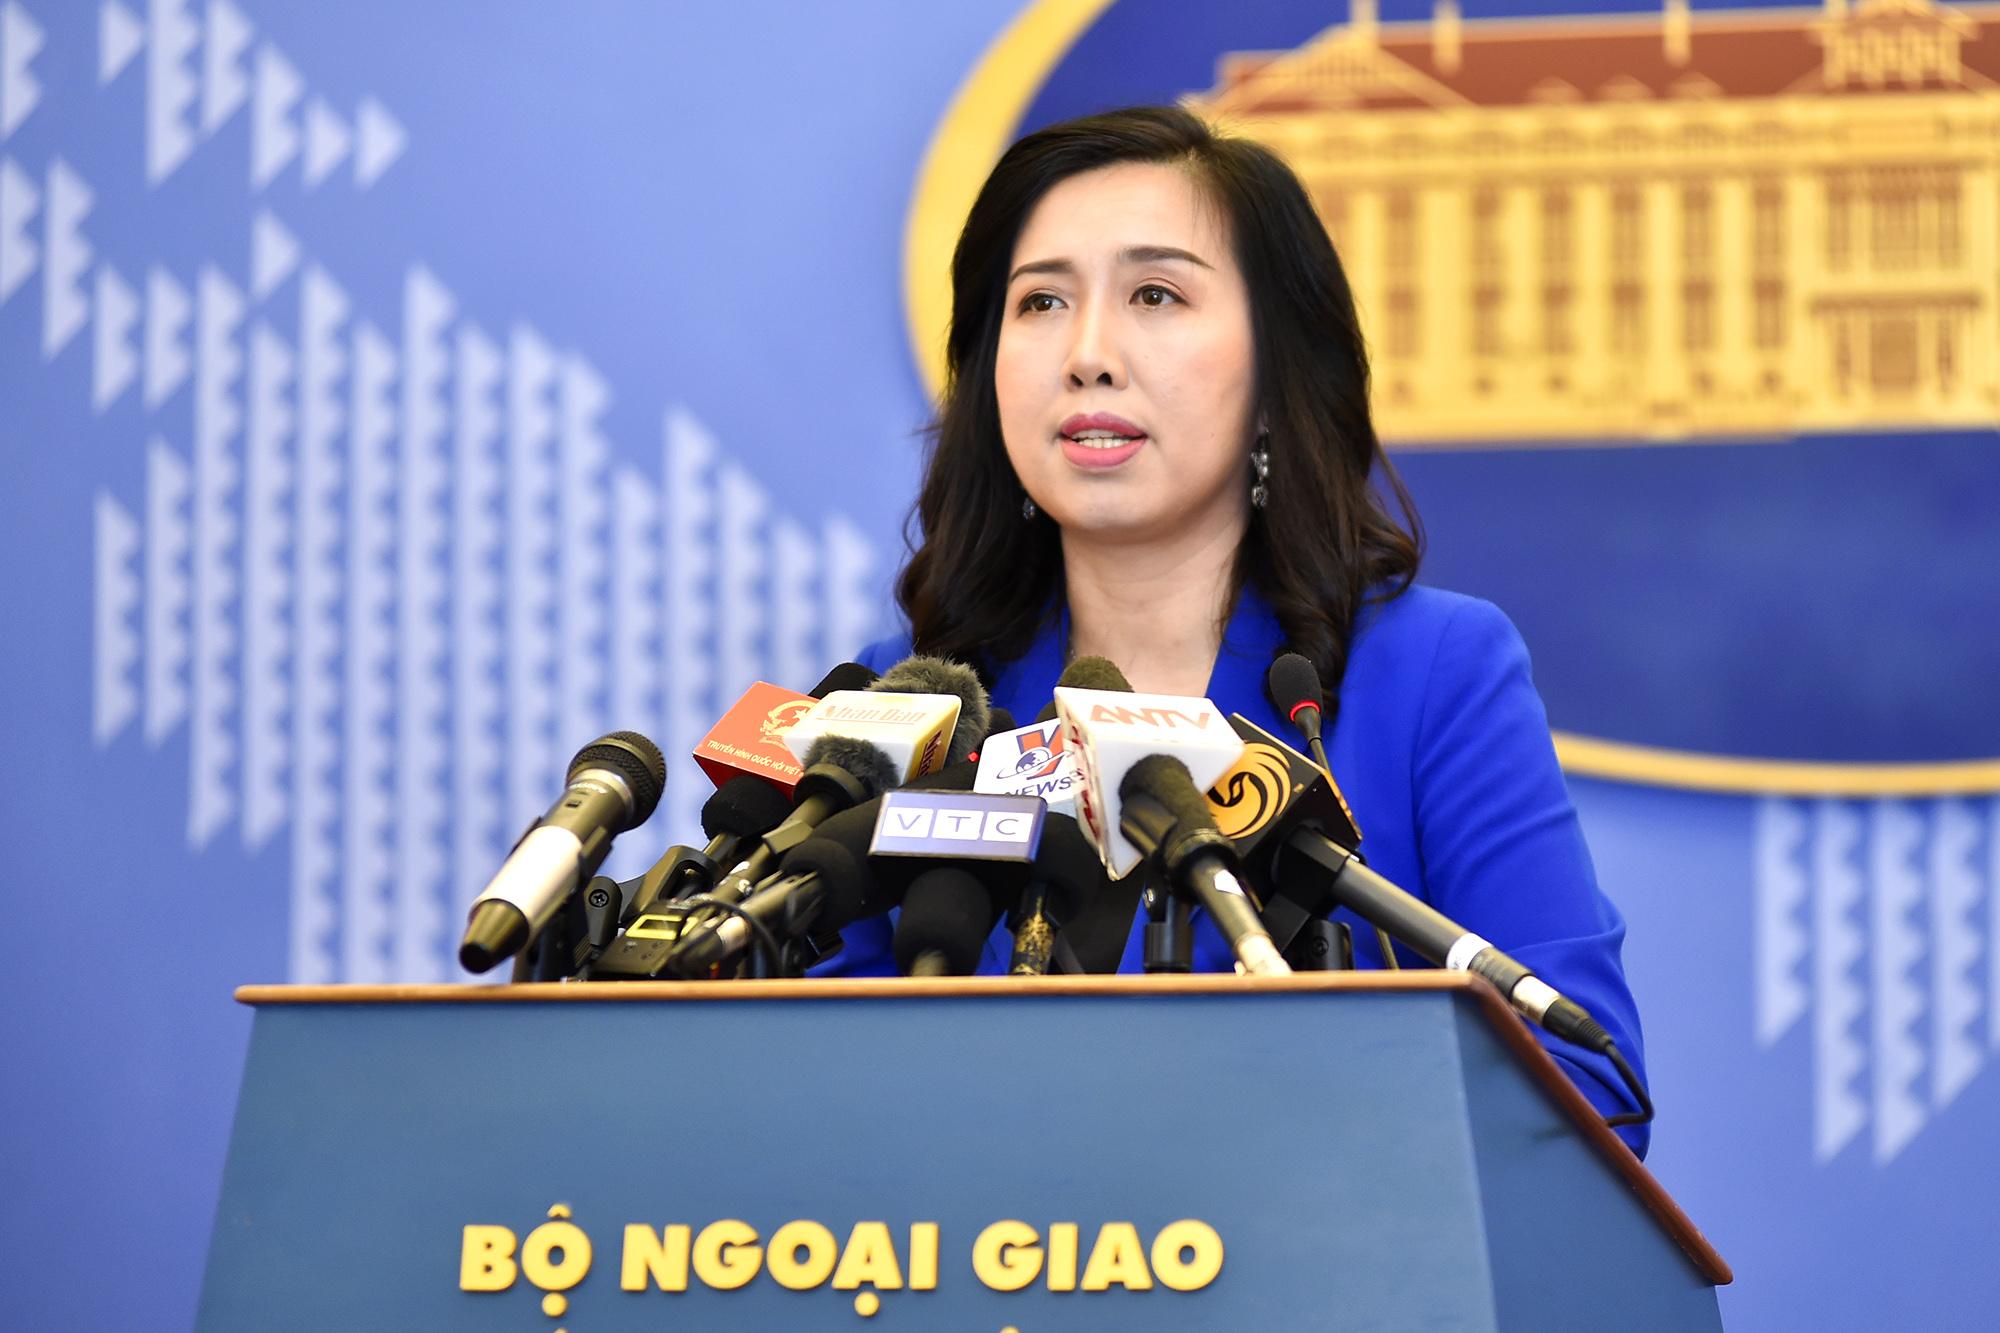 Le Vietnam demande aux pays de respecter et de se conformer au droit dans les zones maritimes